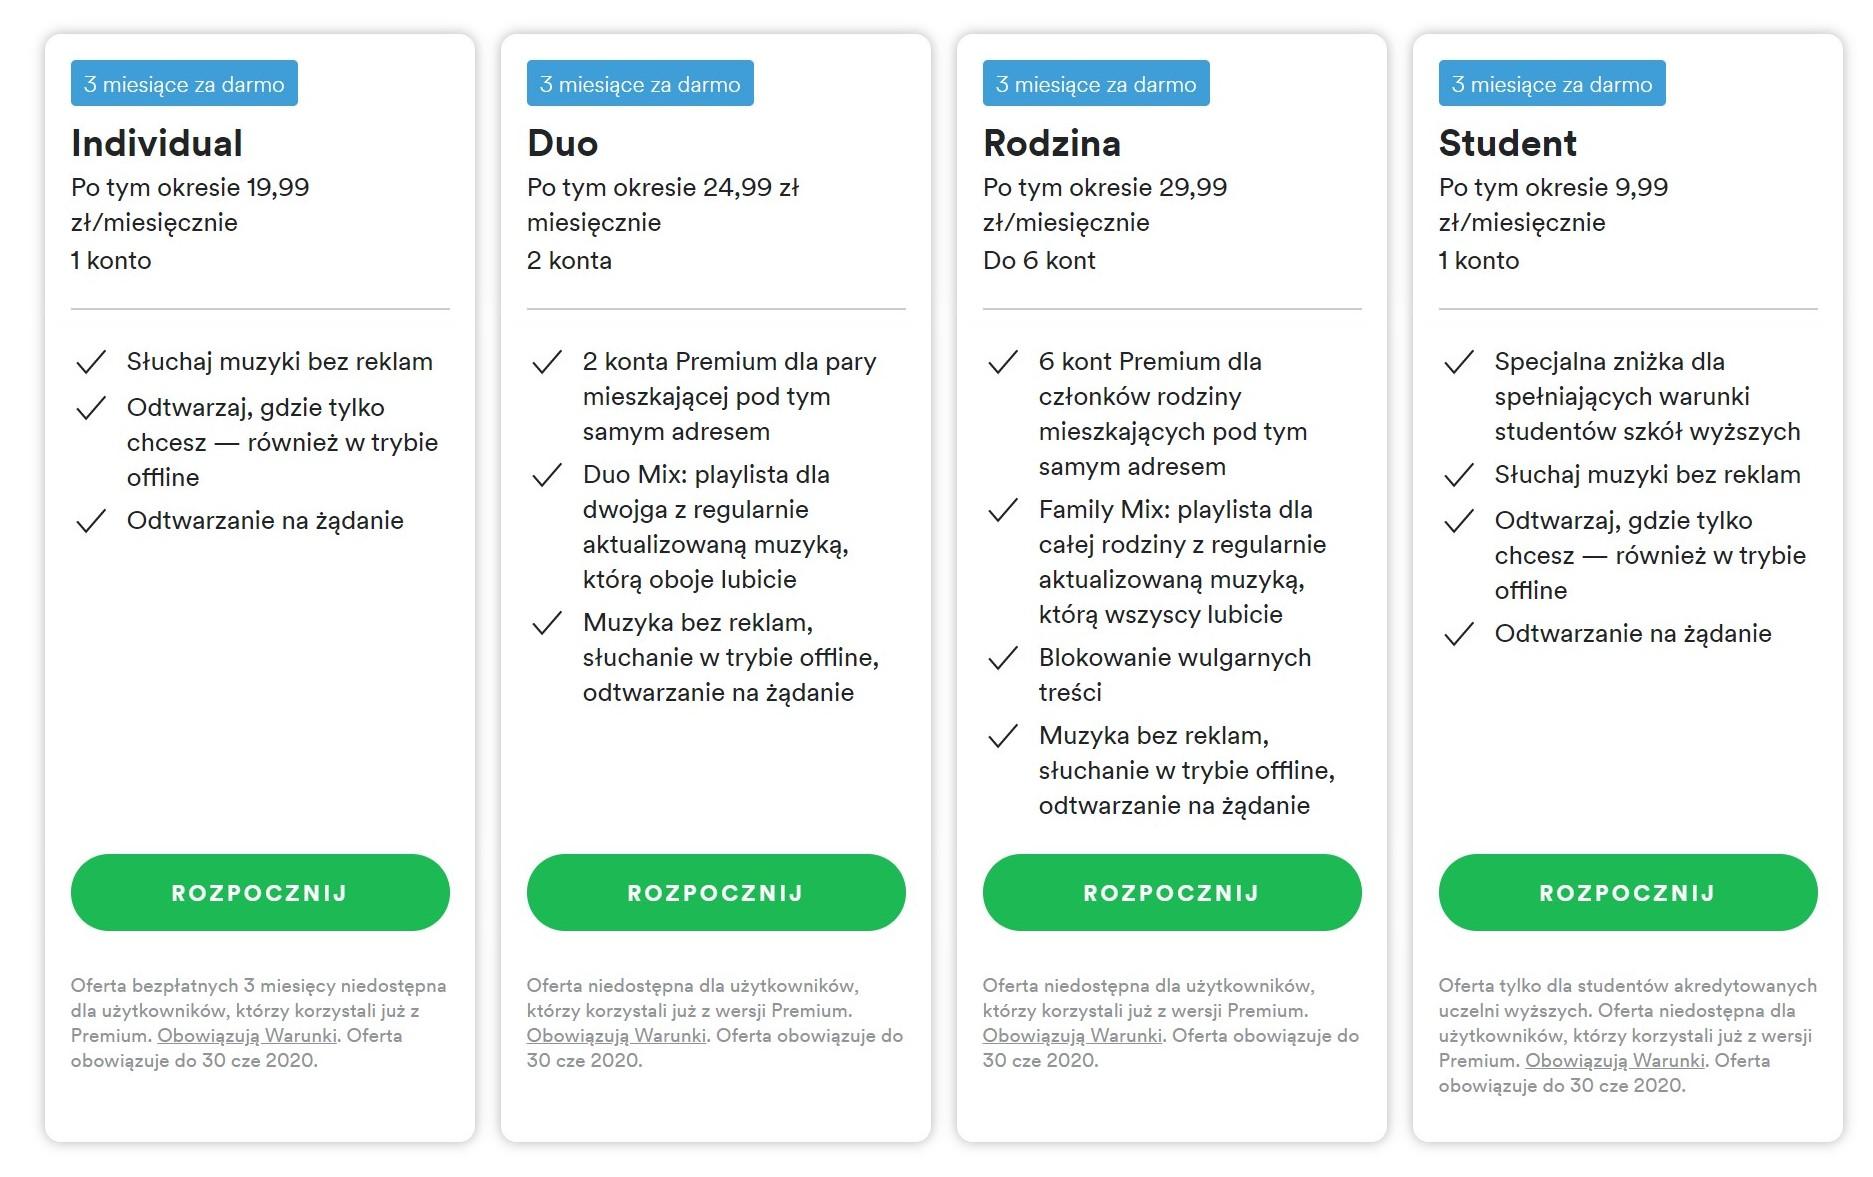 Spotify Premium wraca z promocją dla subskrybentów - 3 miesiące za 19,99 zł. Dla nowych - za darmo 22